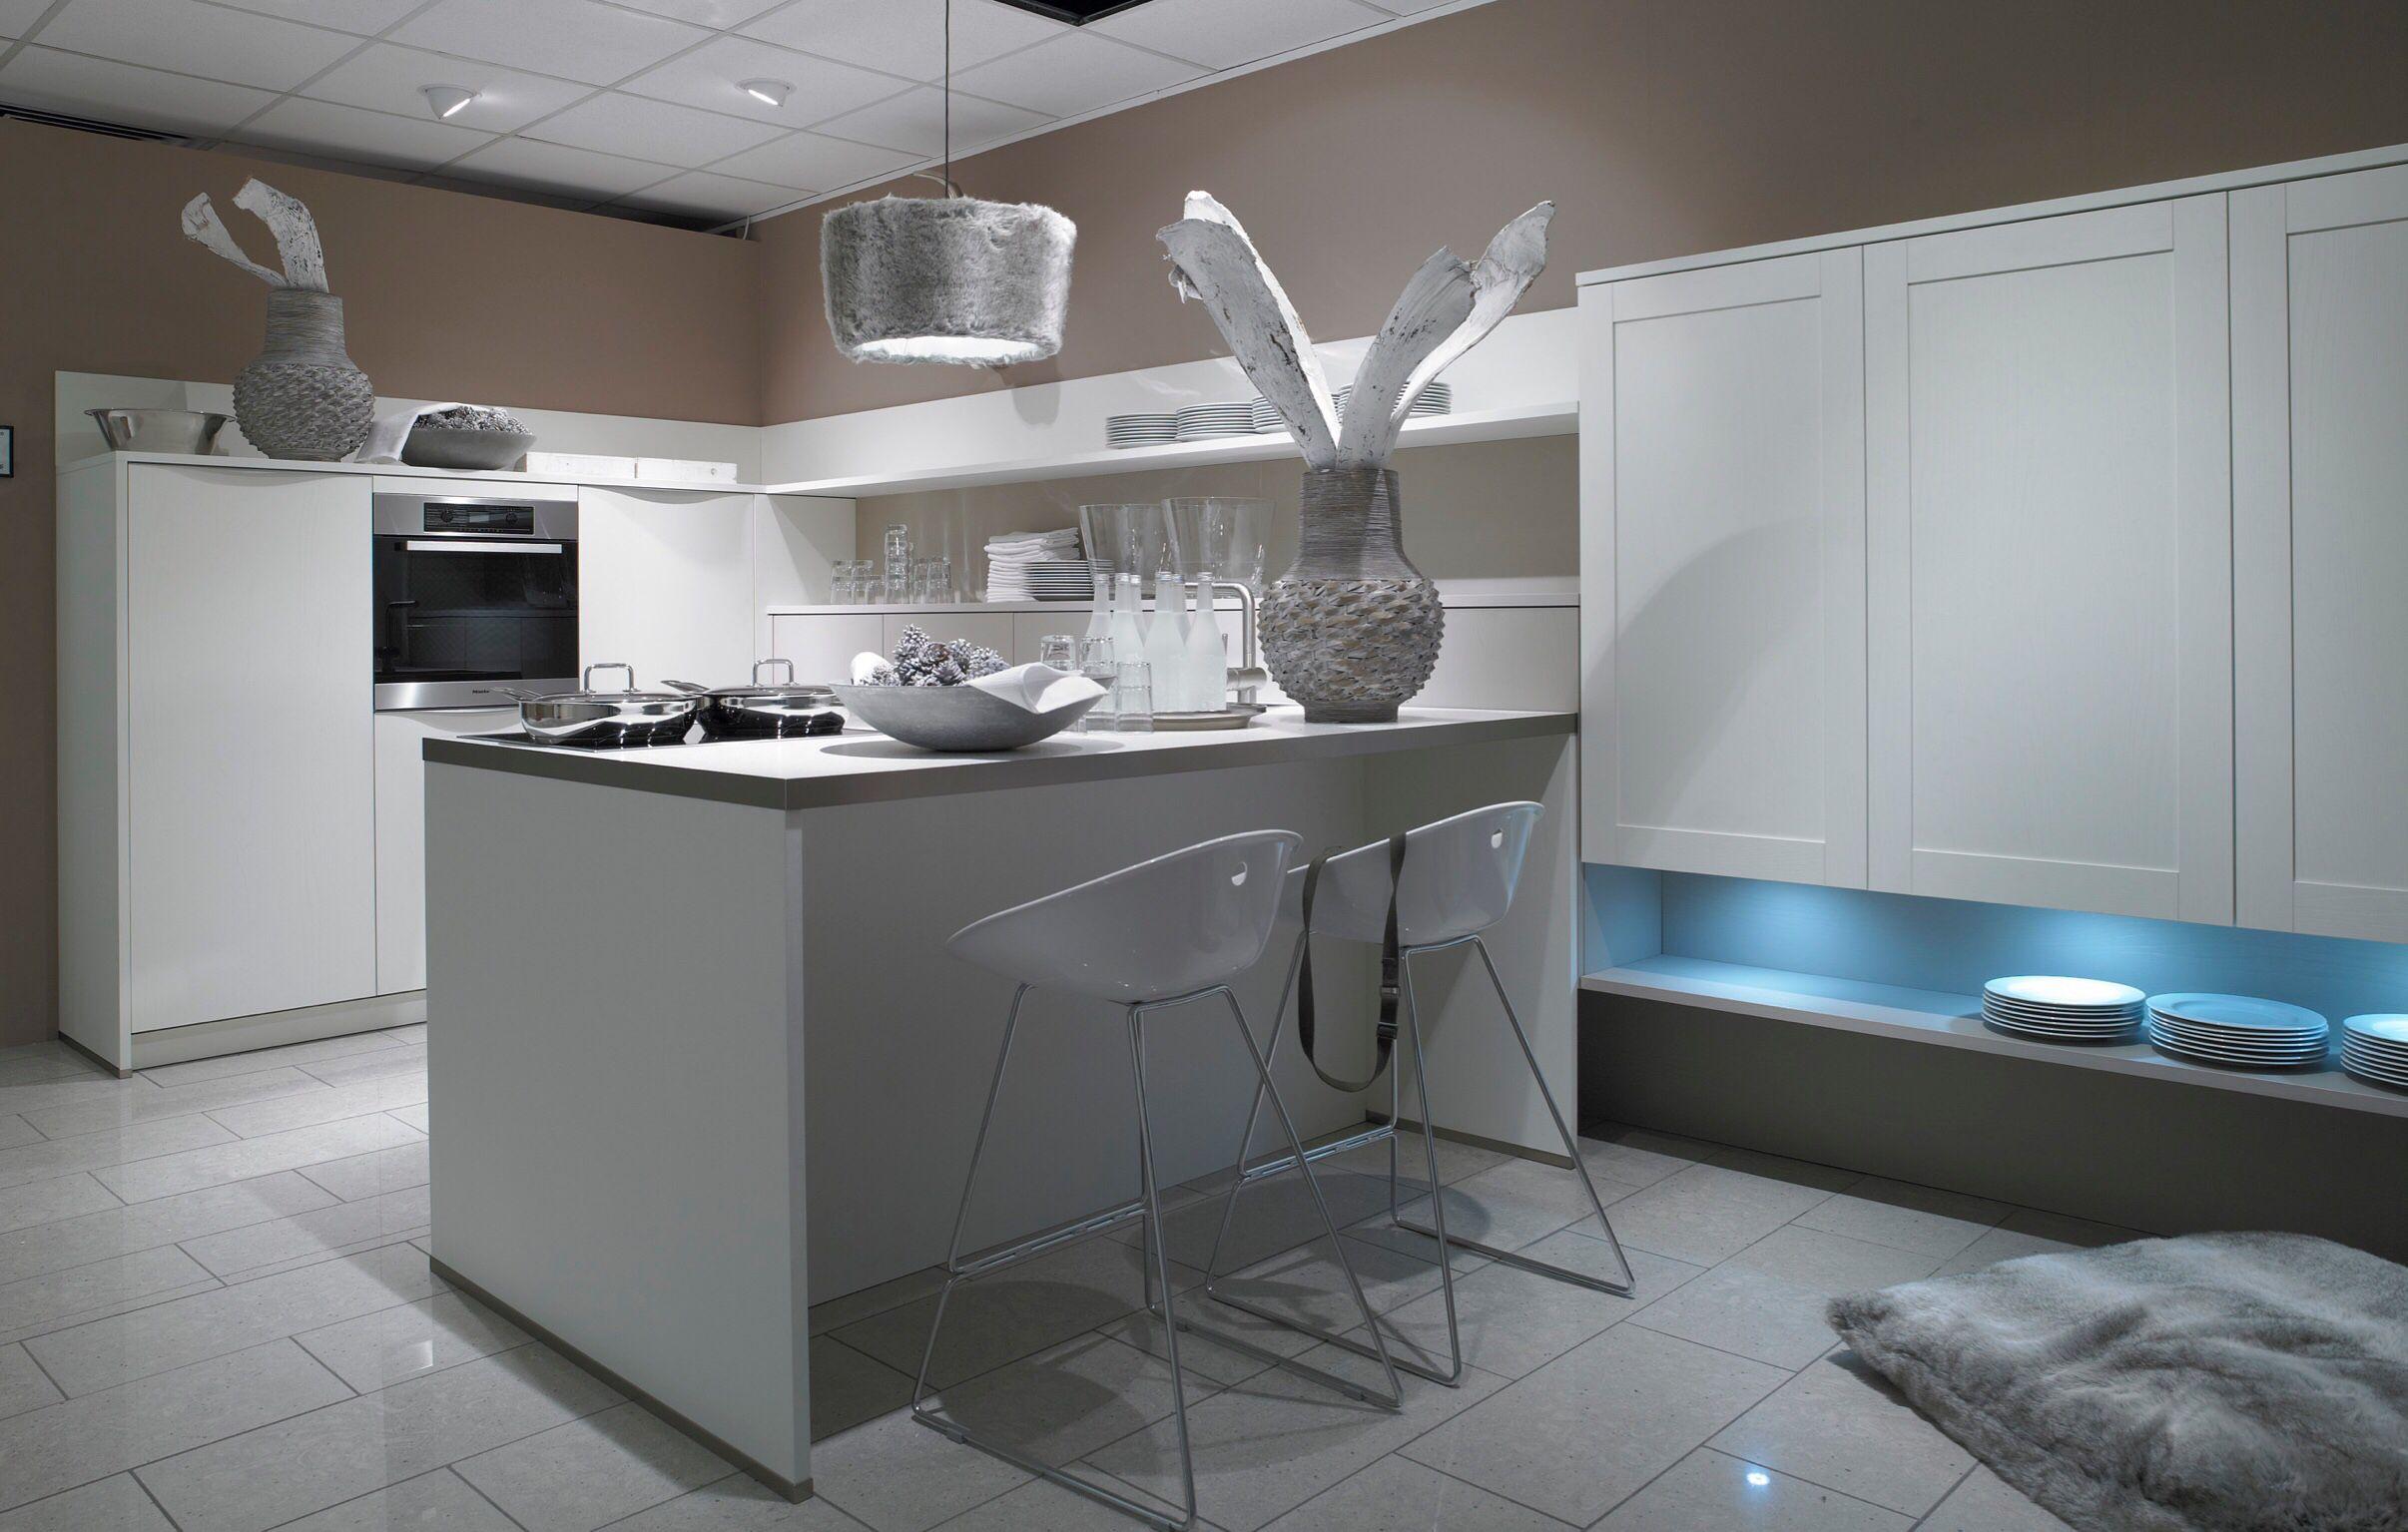 cuisine en #laque #blanche avec #eclairage #led. votrere